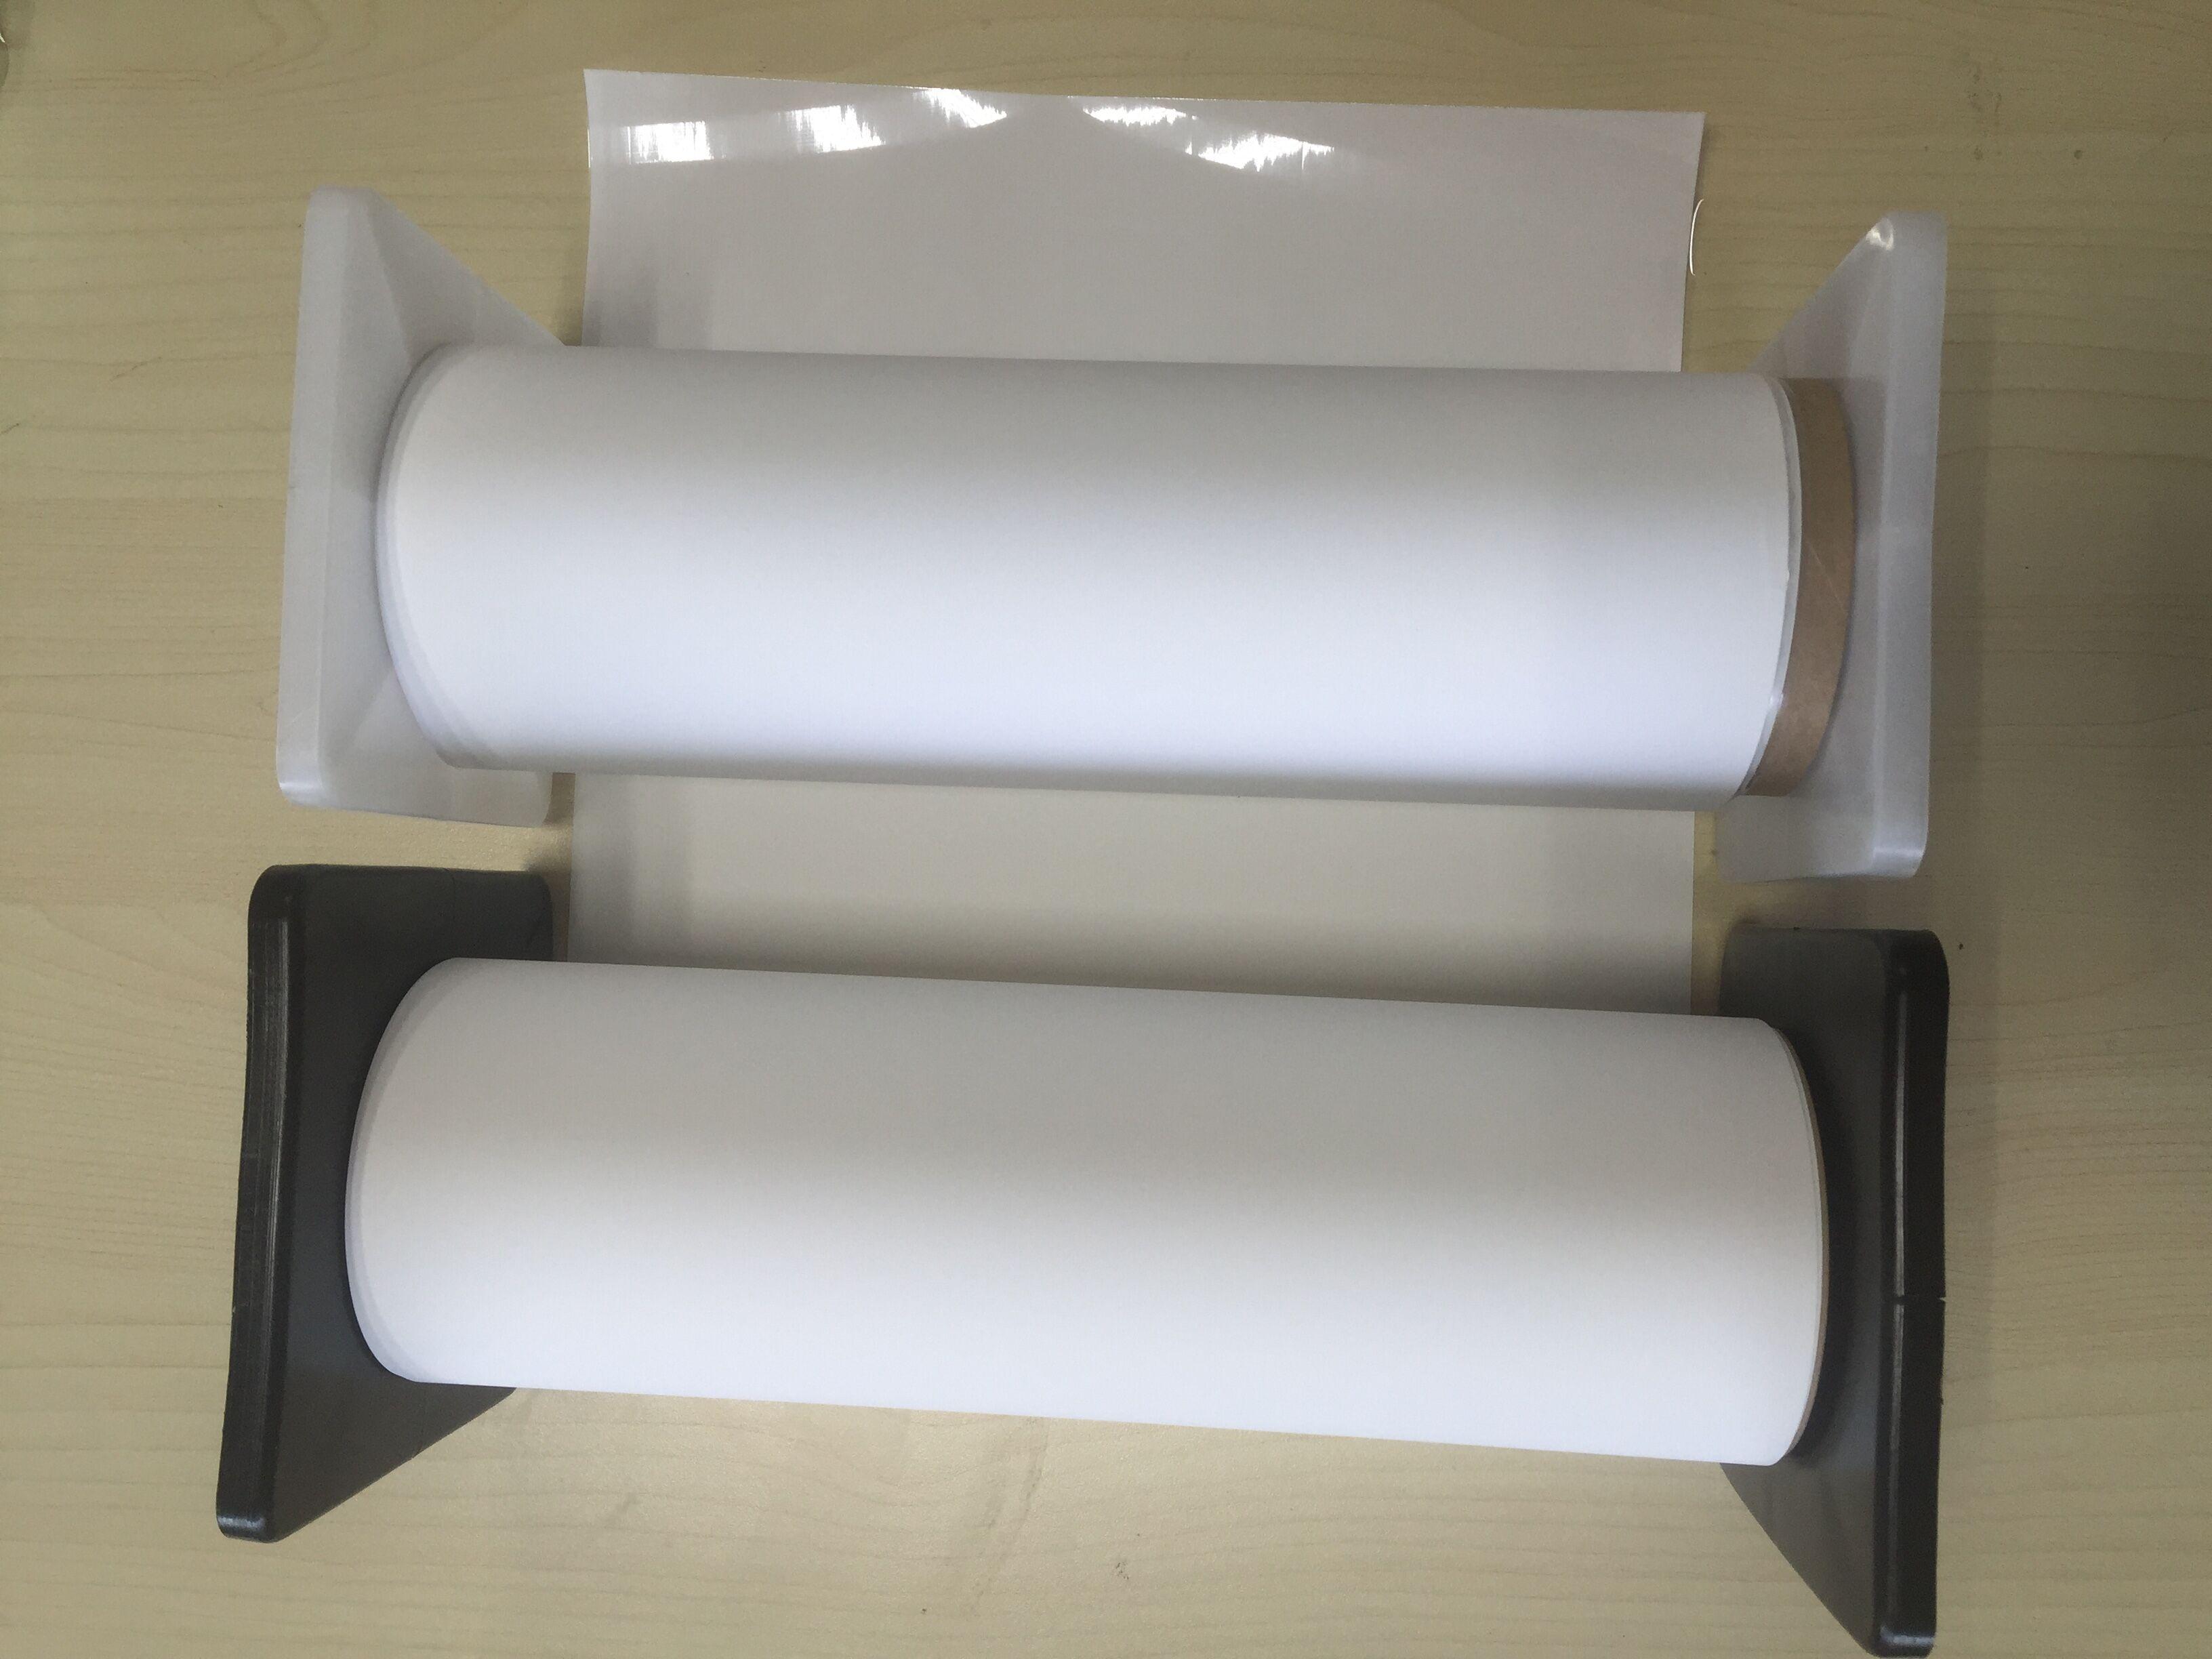 SPI 压力感测纸/压敏纸